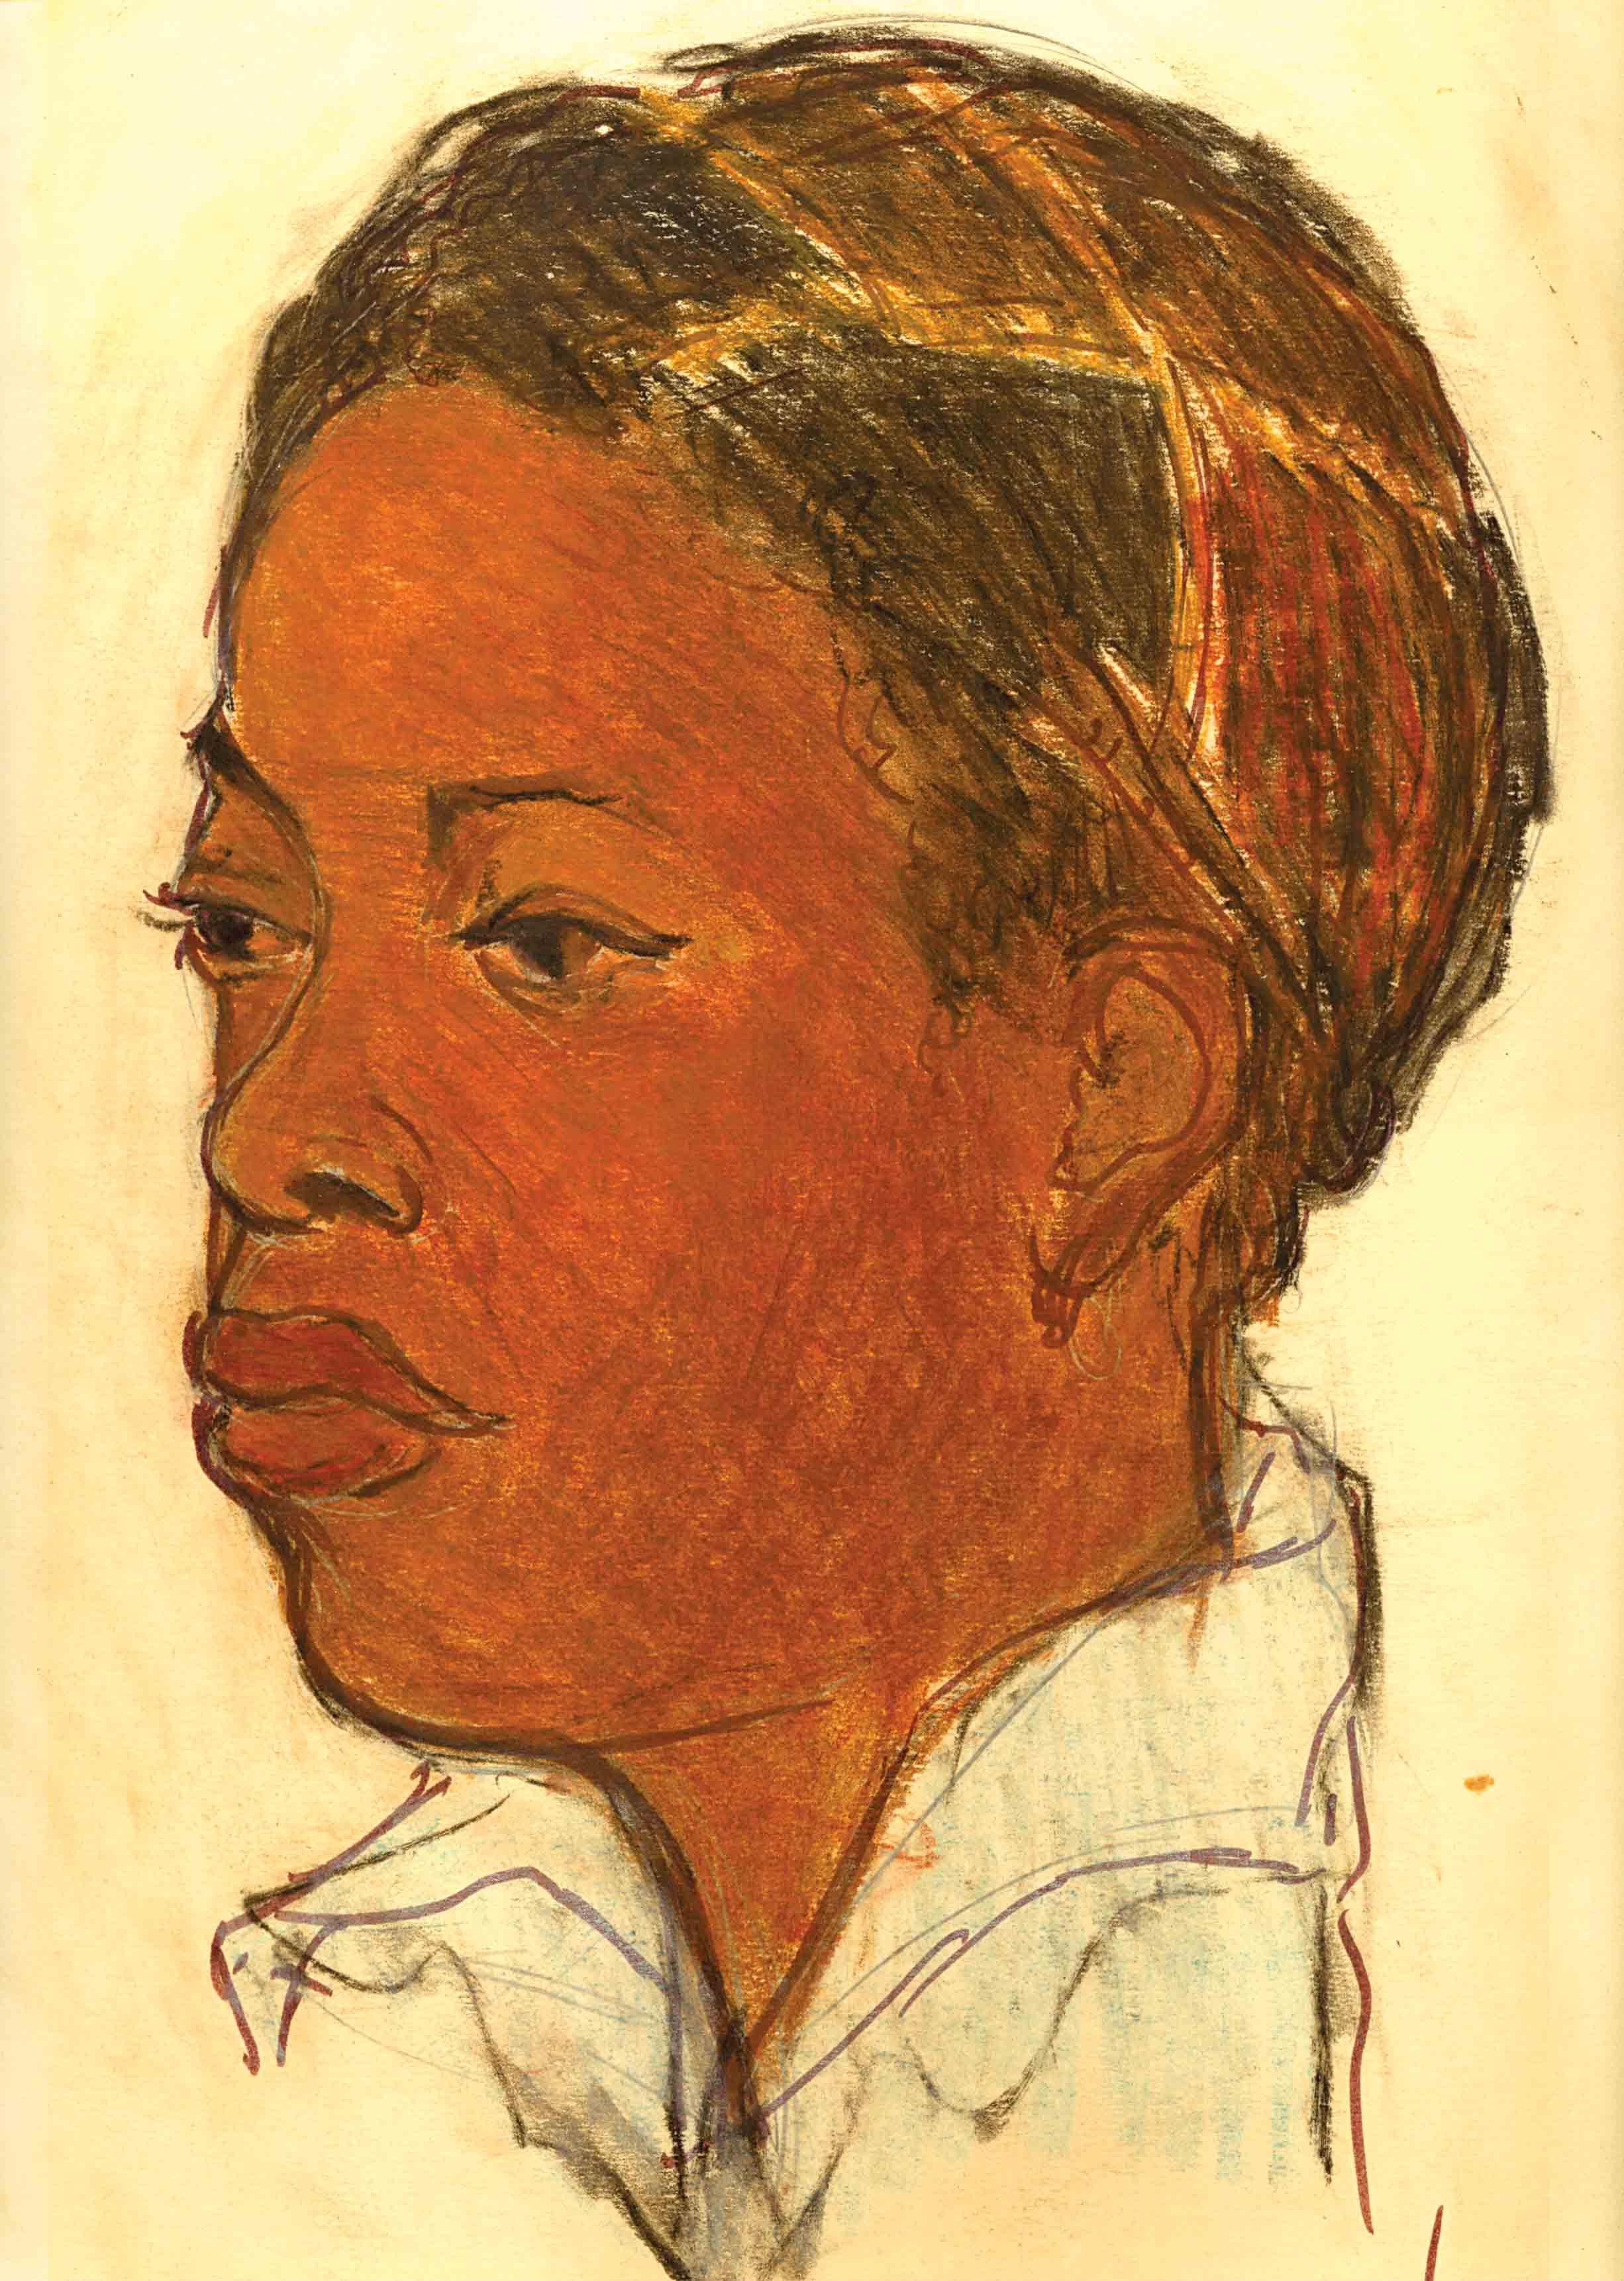 Mademoiselle Ani, 1978